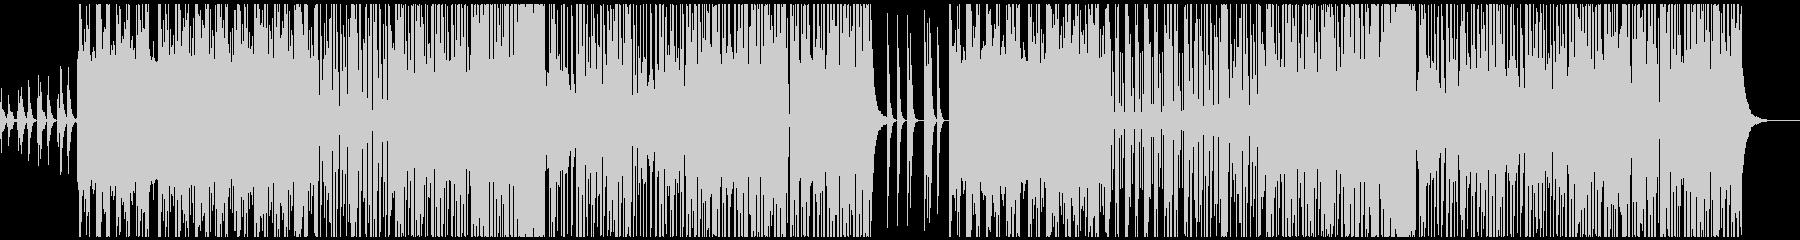 ストリングスでダークなFuturePopの未再生の波形